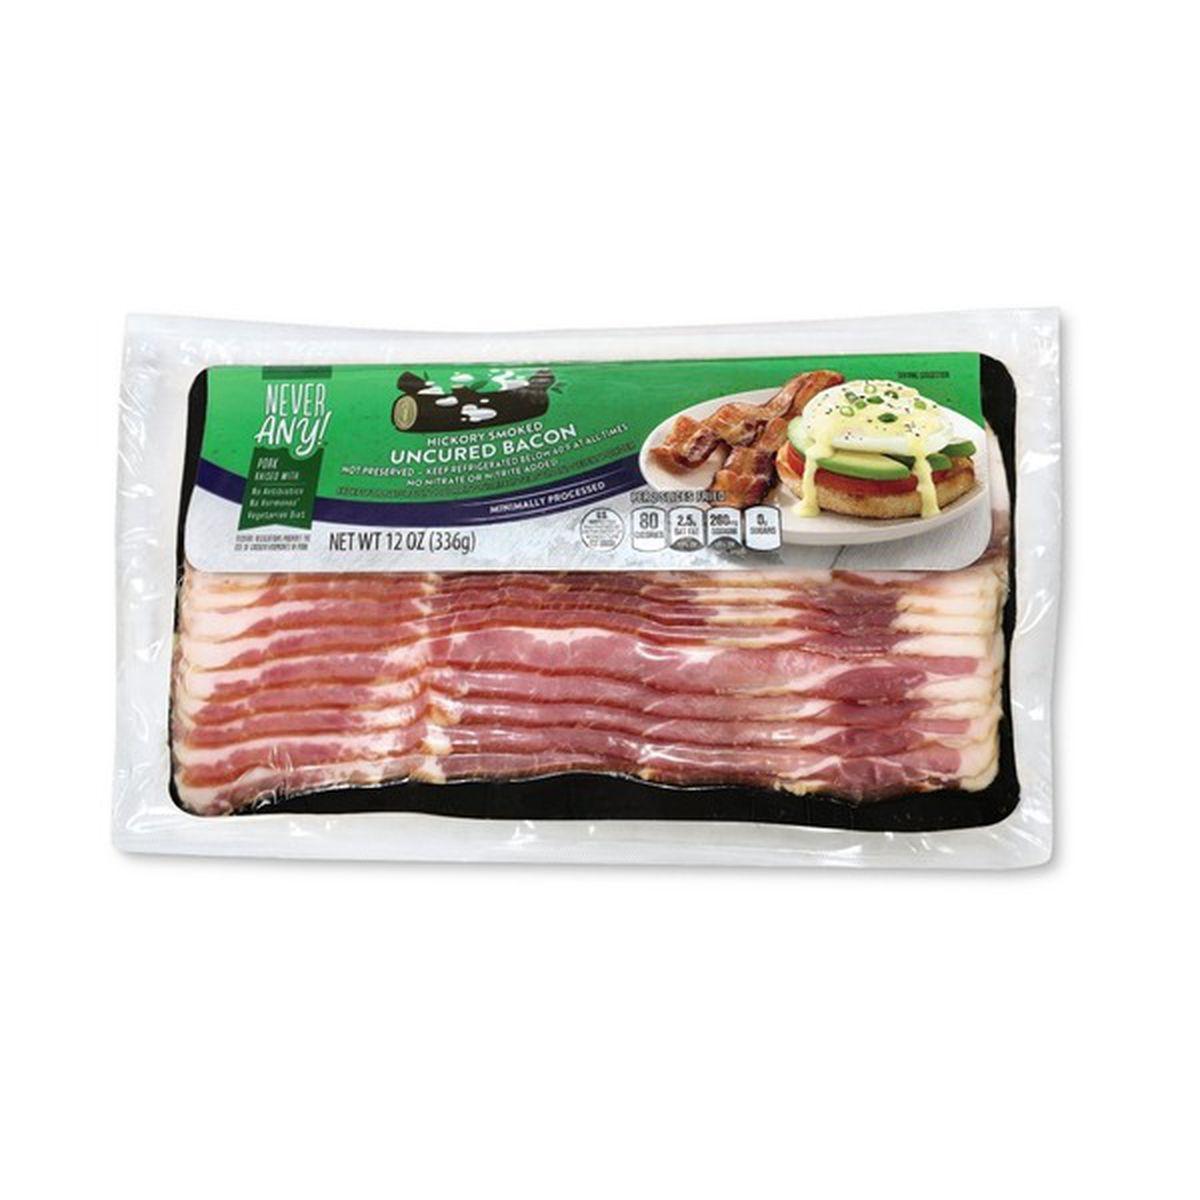 ABF Hickory Bacon